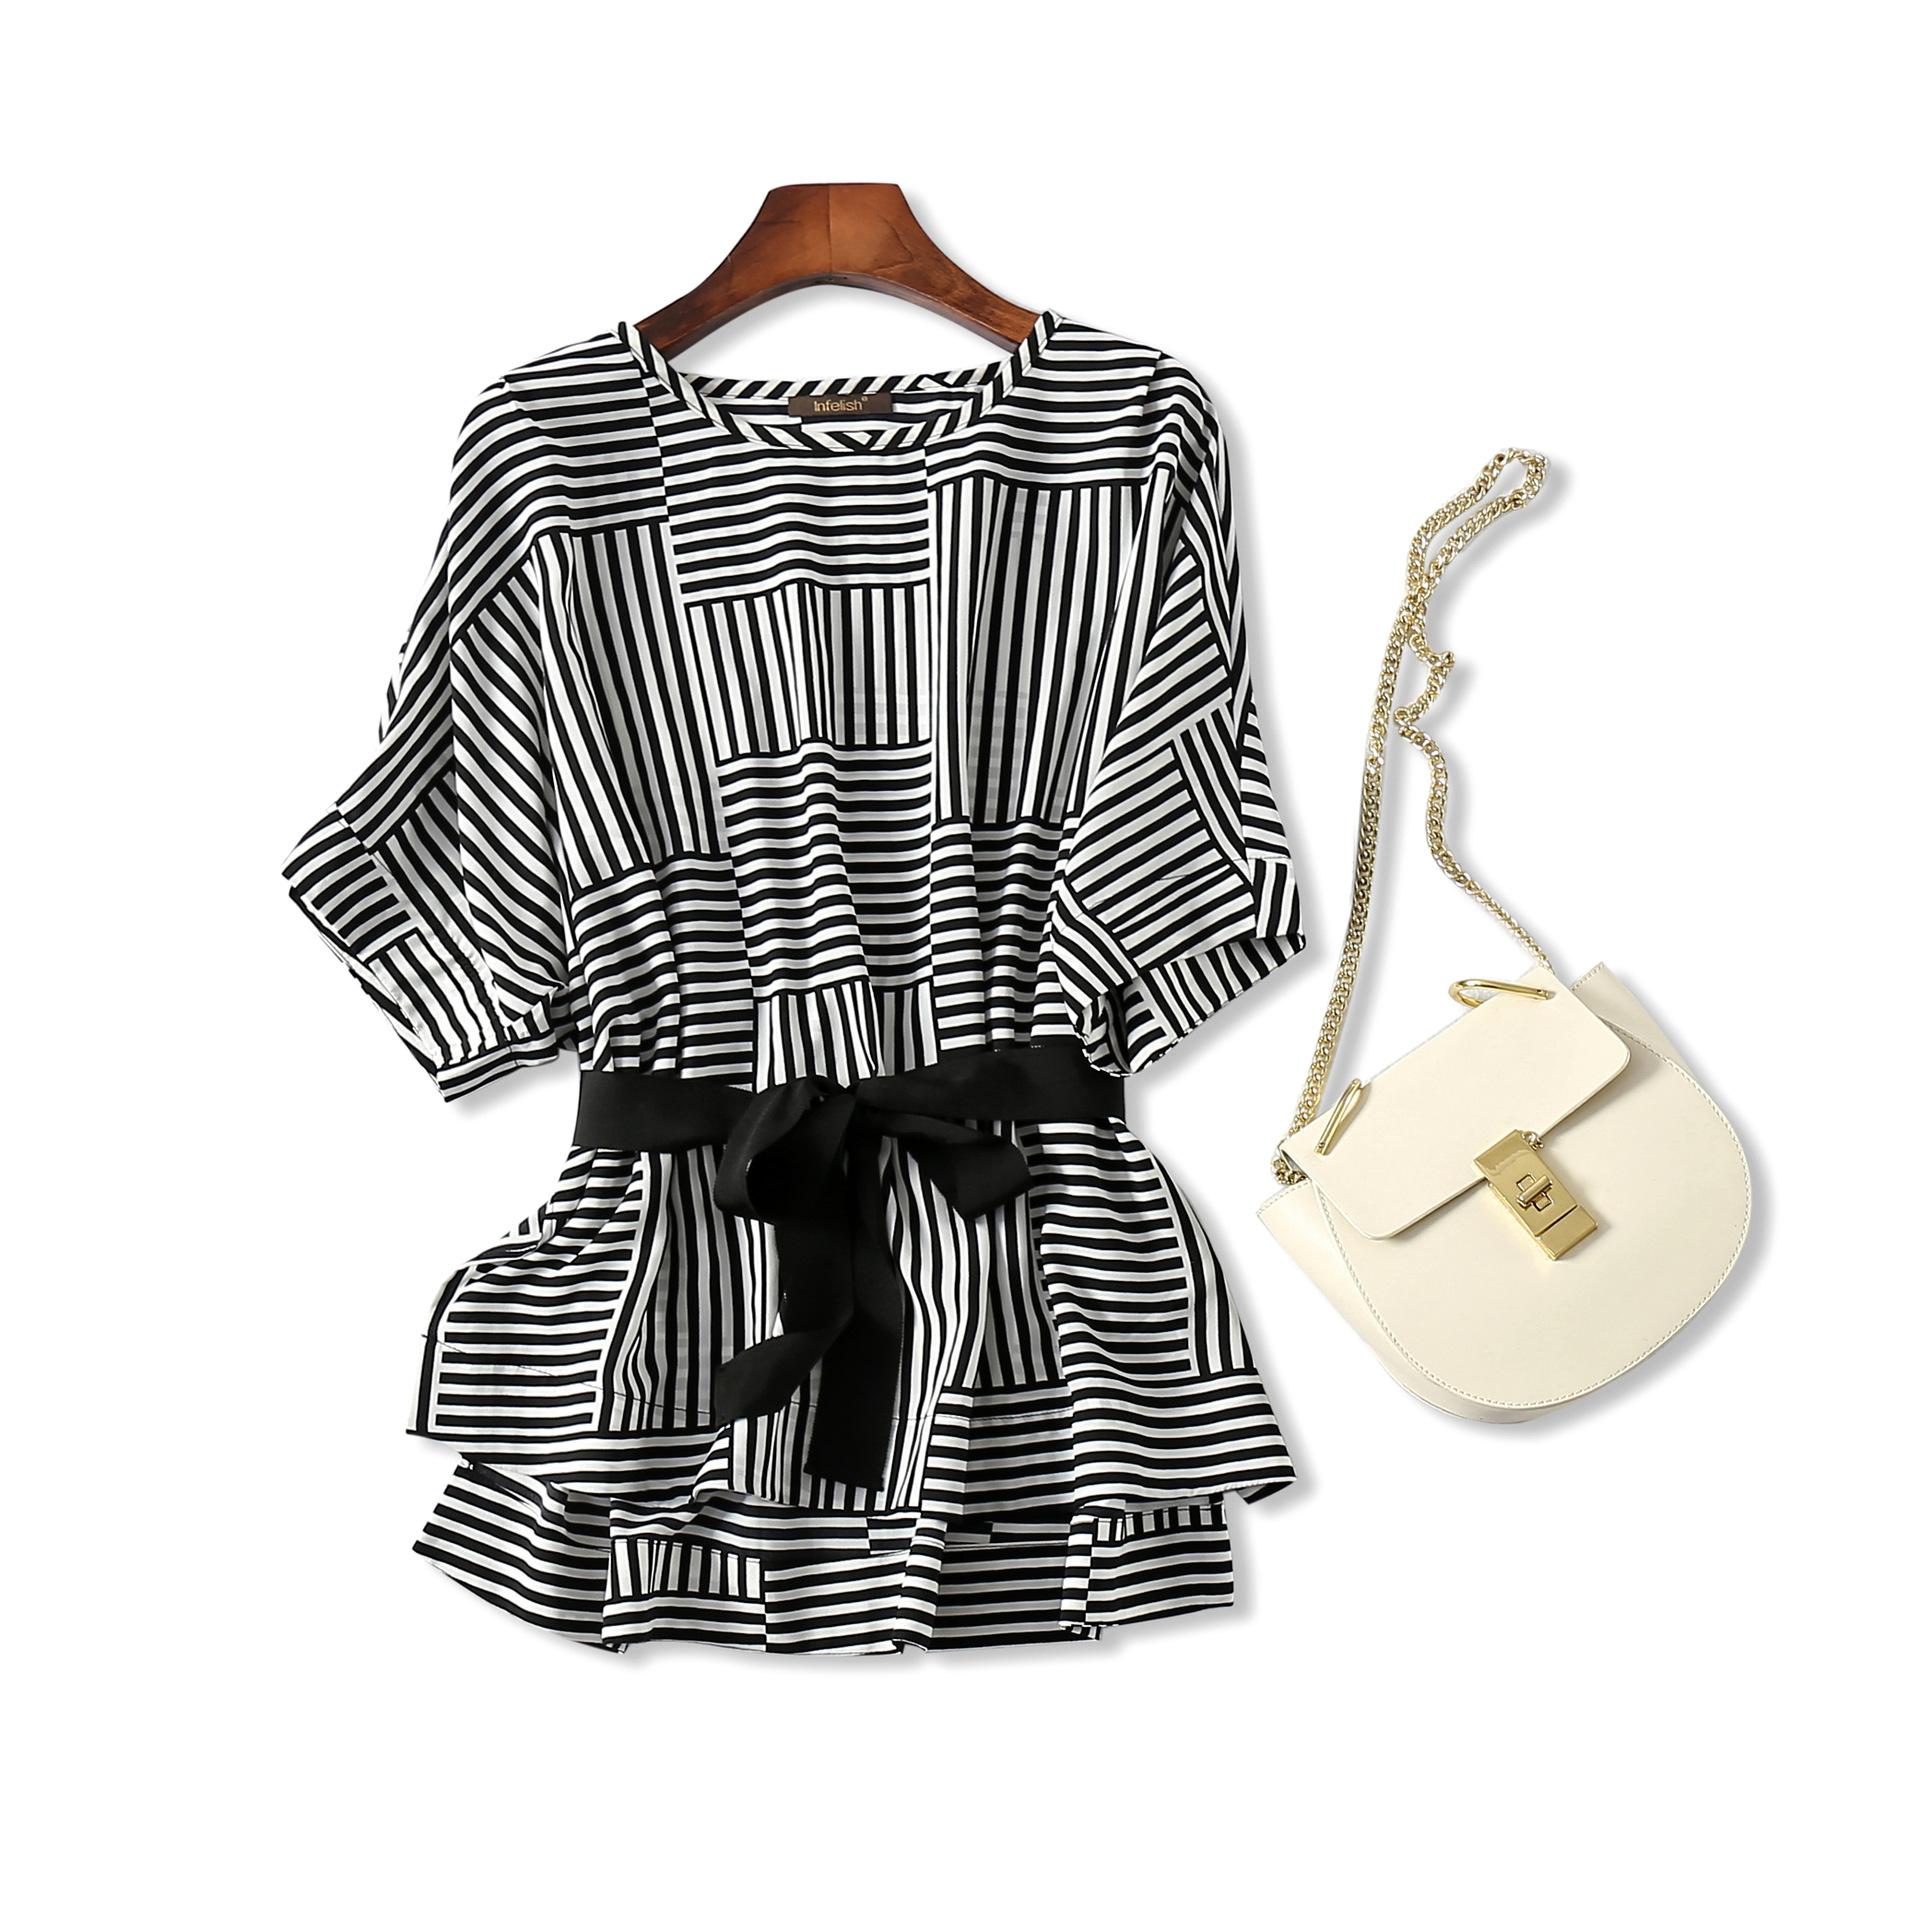 18夏欧美外贸女装尾单清仓剪标 不规则条纹 蝙蝠袖系带衬衫上衣女